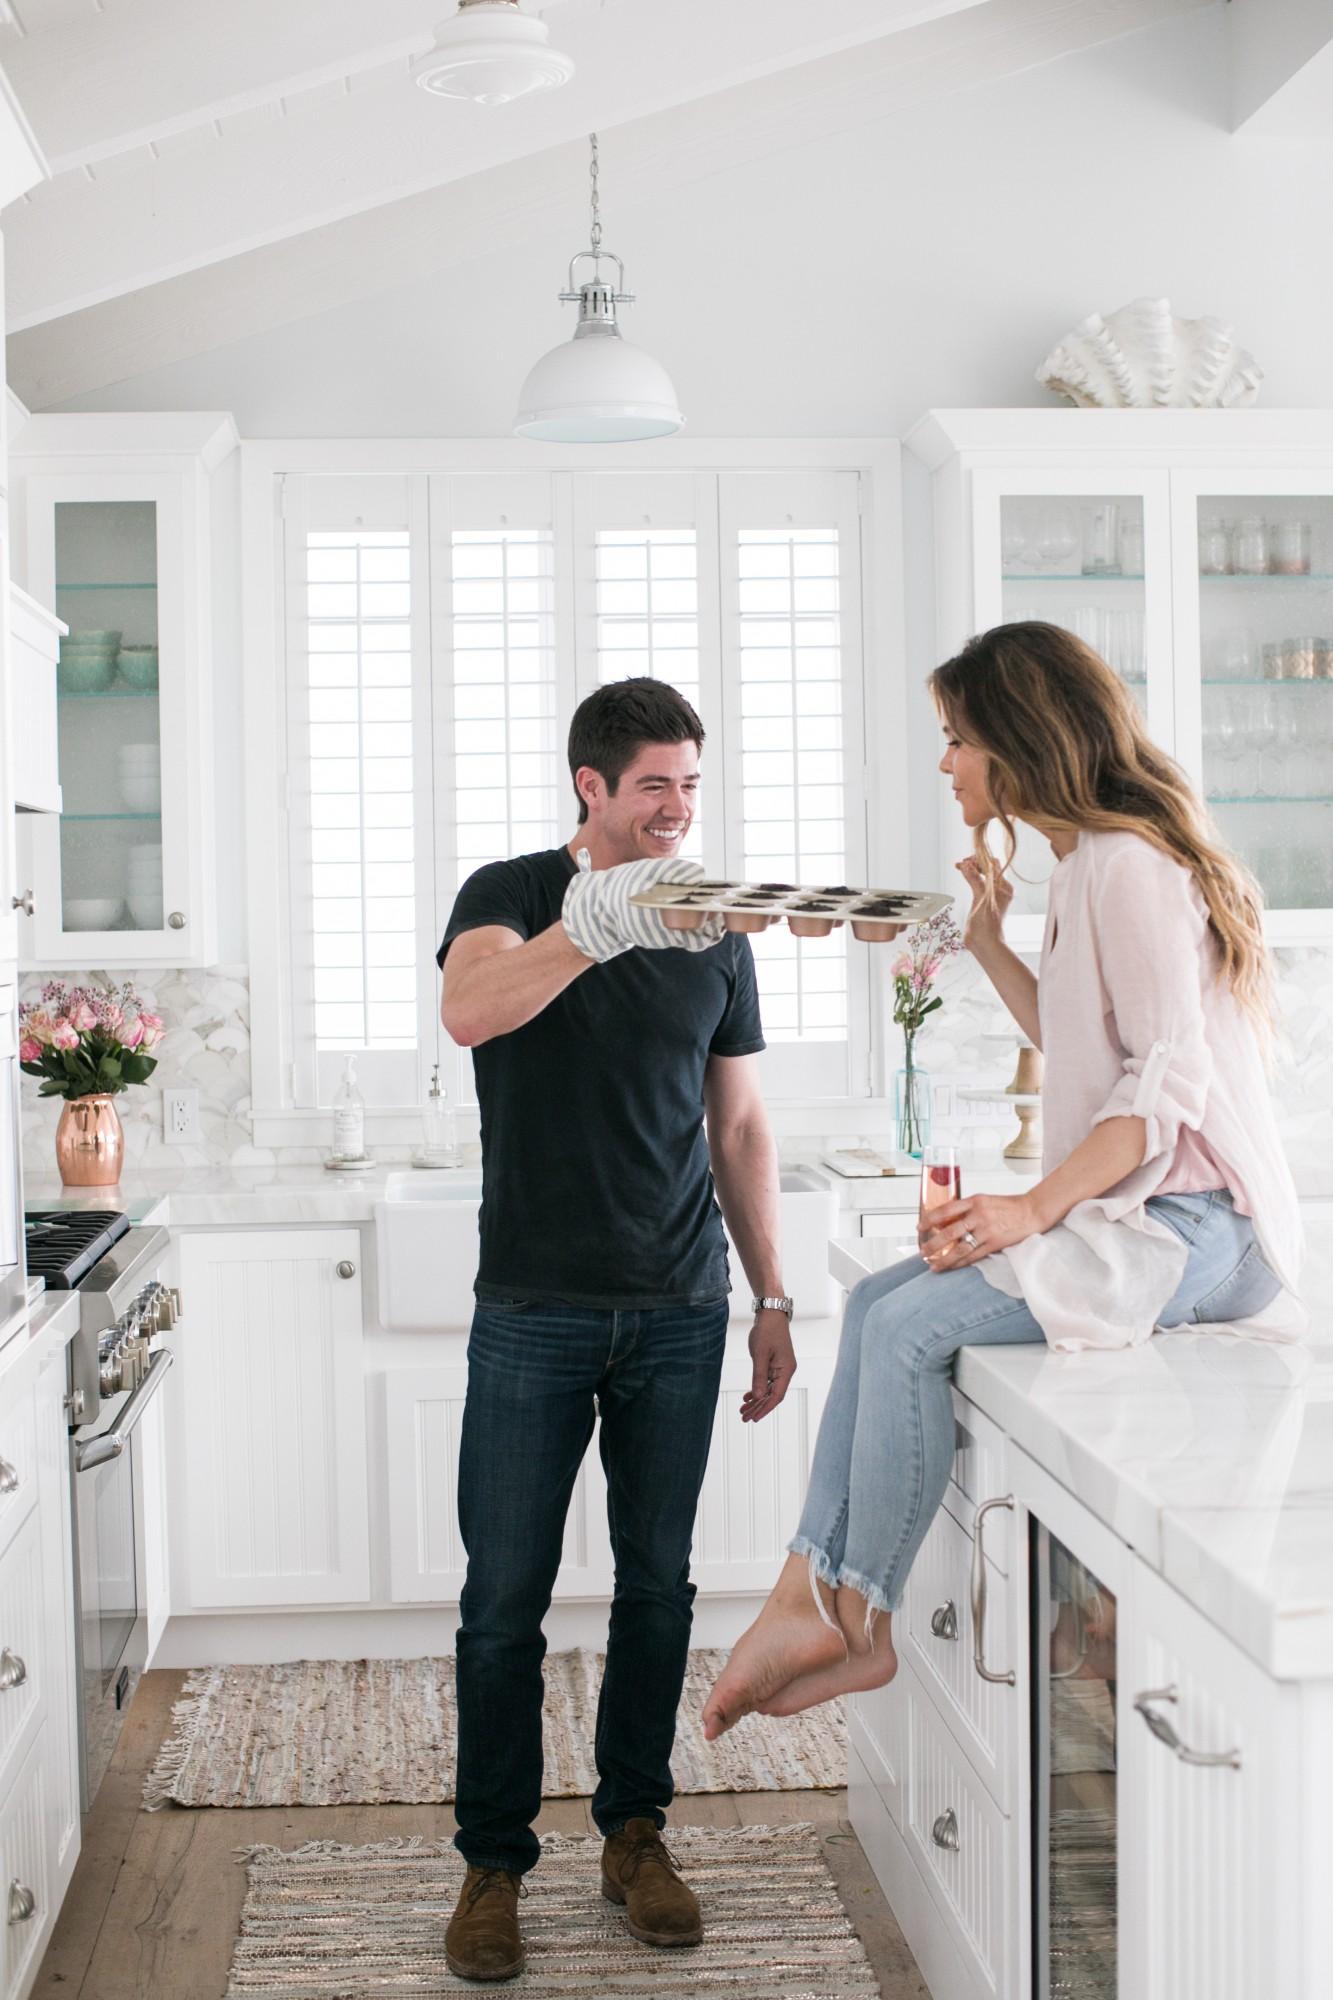 tone-it-up-stud-muffin-katrina-scott-husband-boyfriend-recipe-1